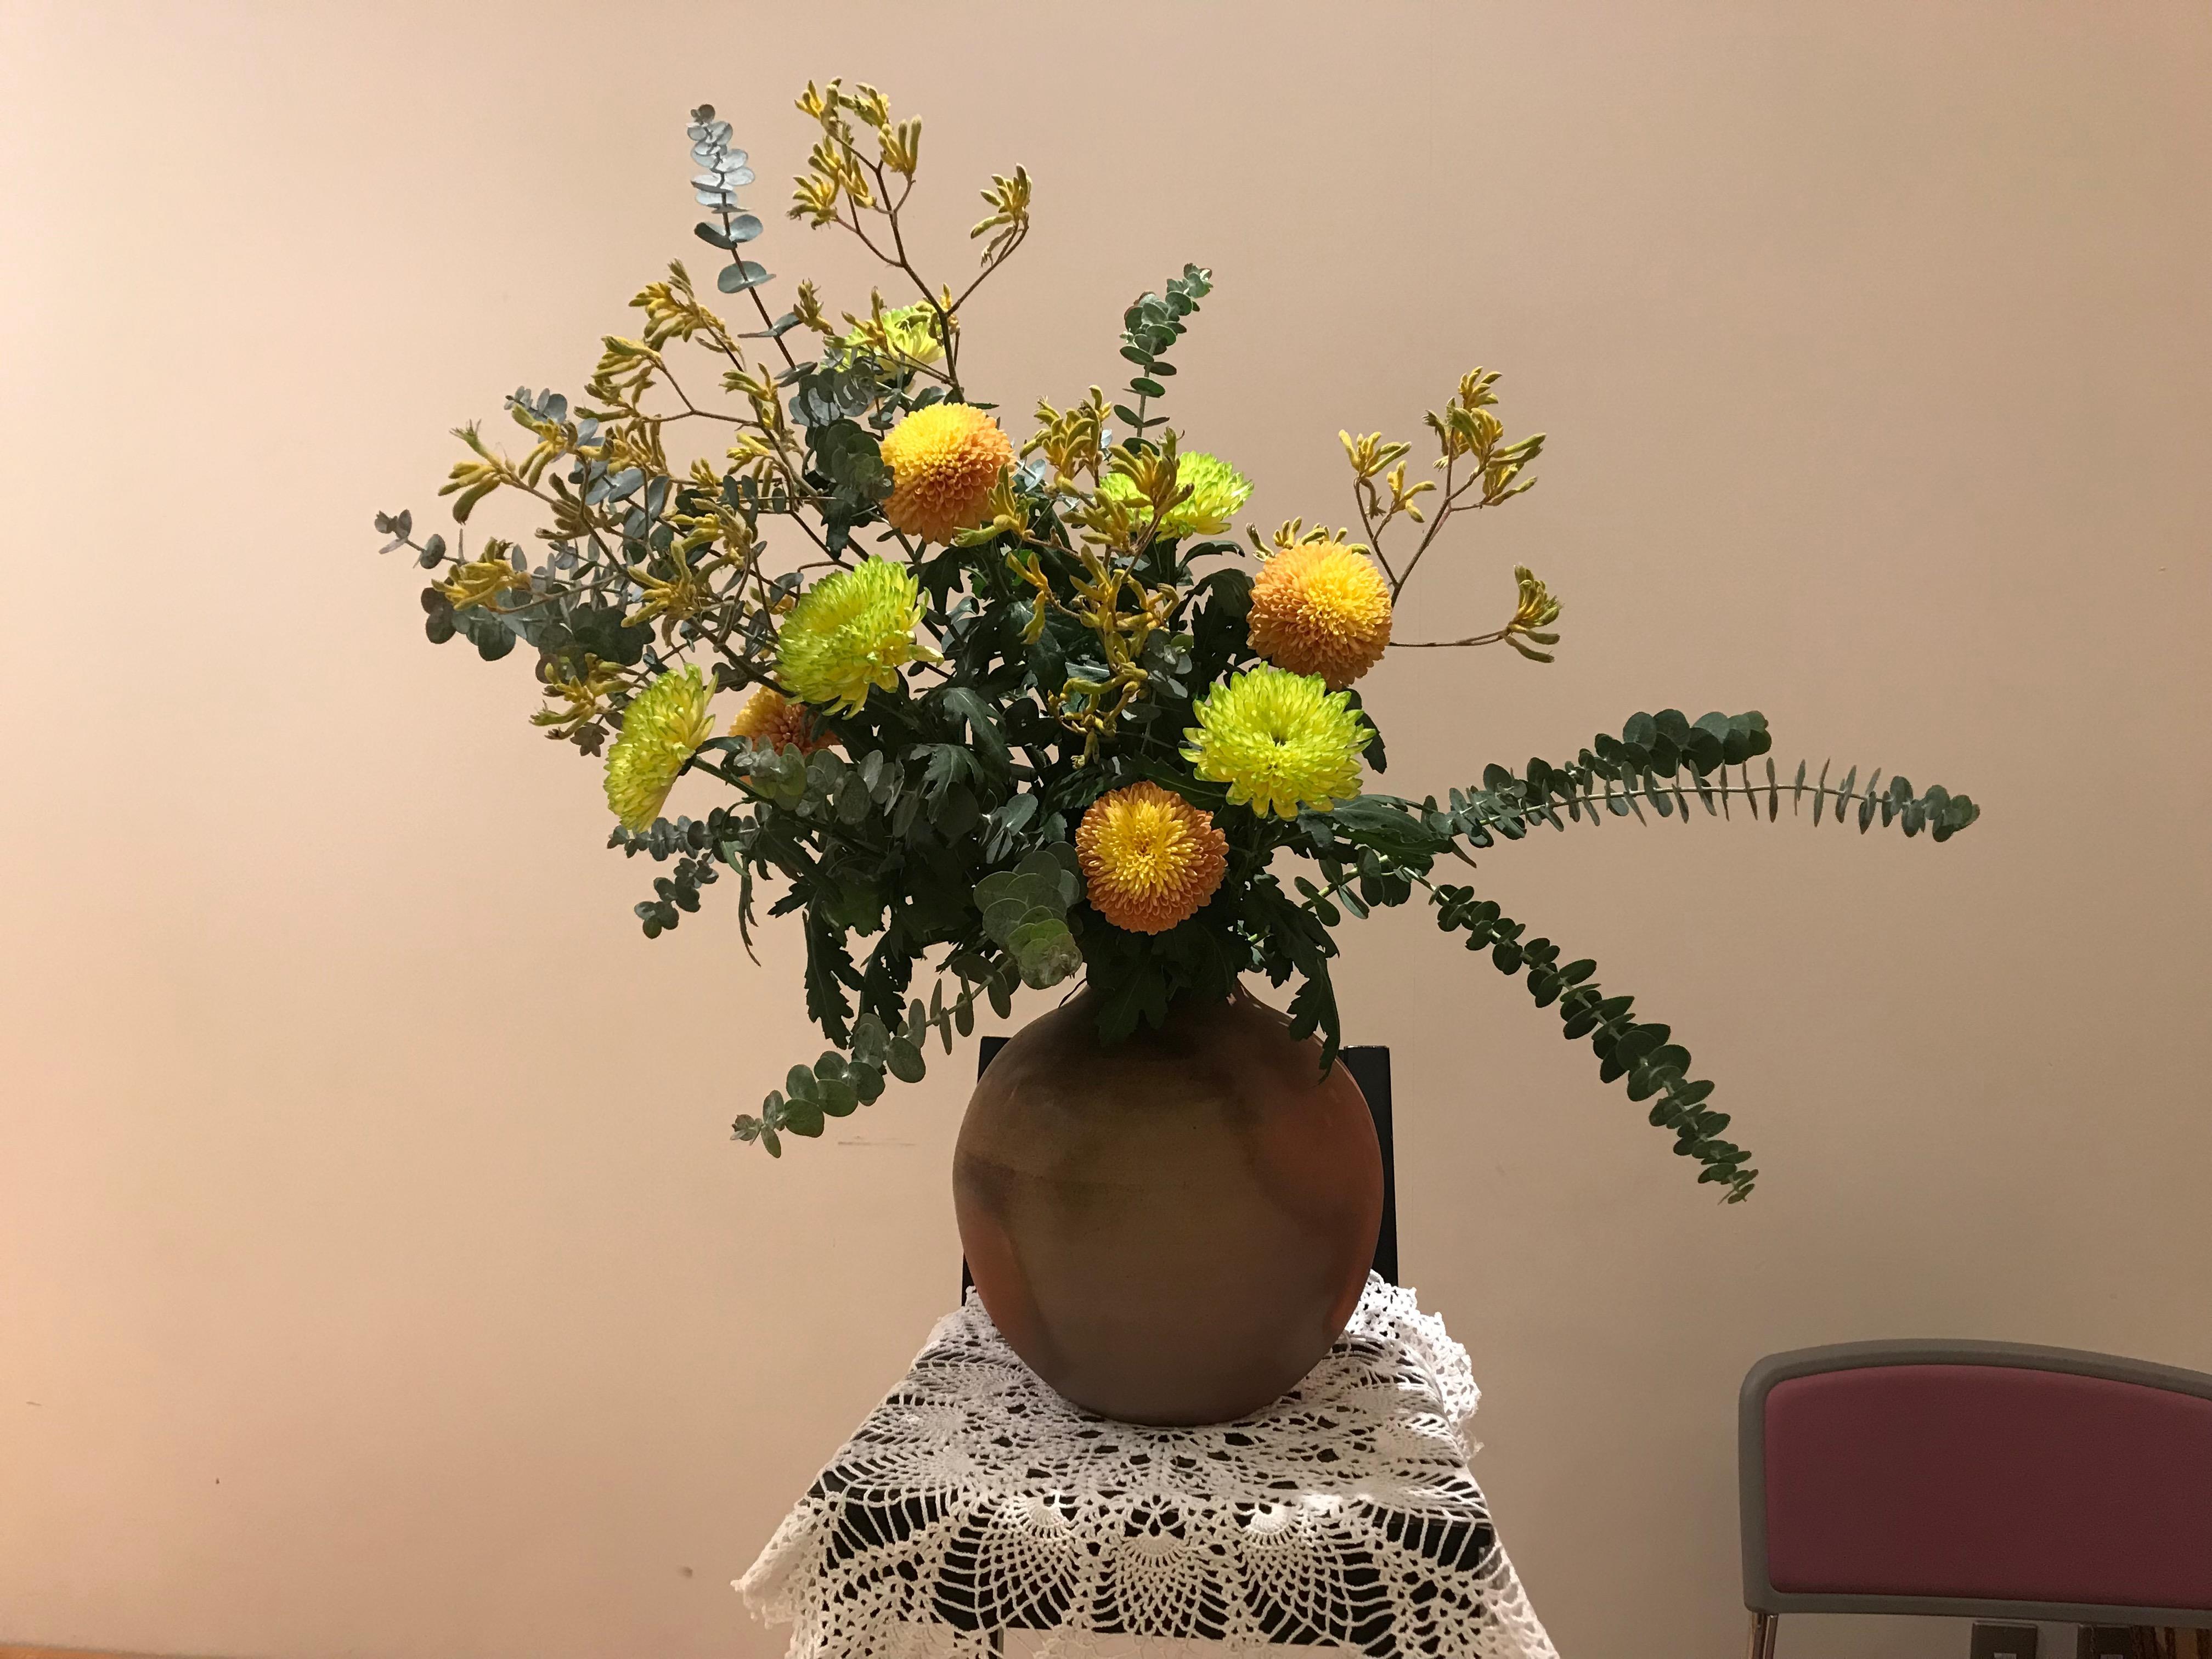 2017/12/26.聖日礼拝のお花